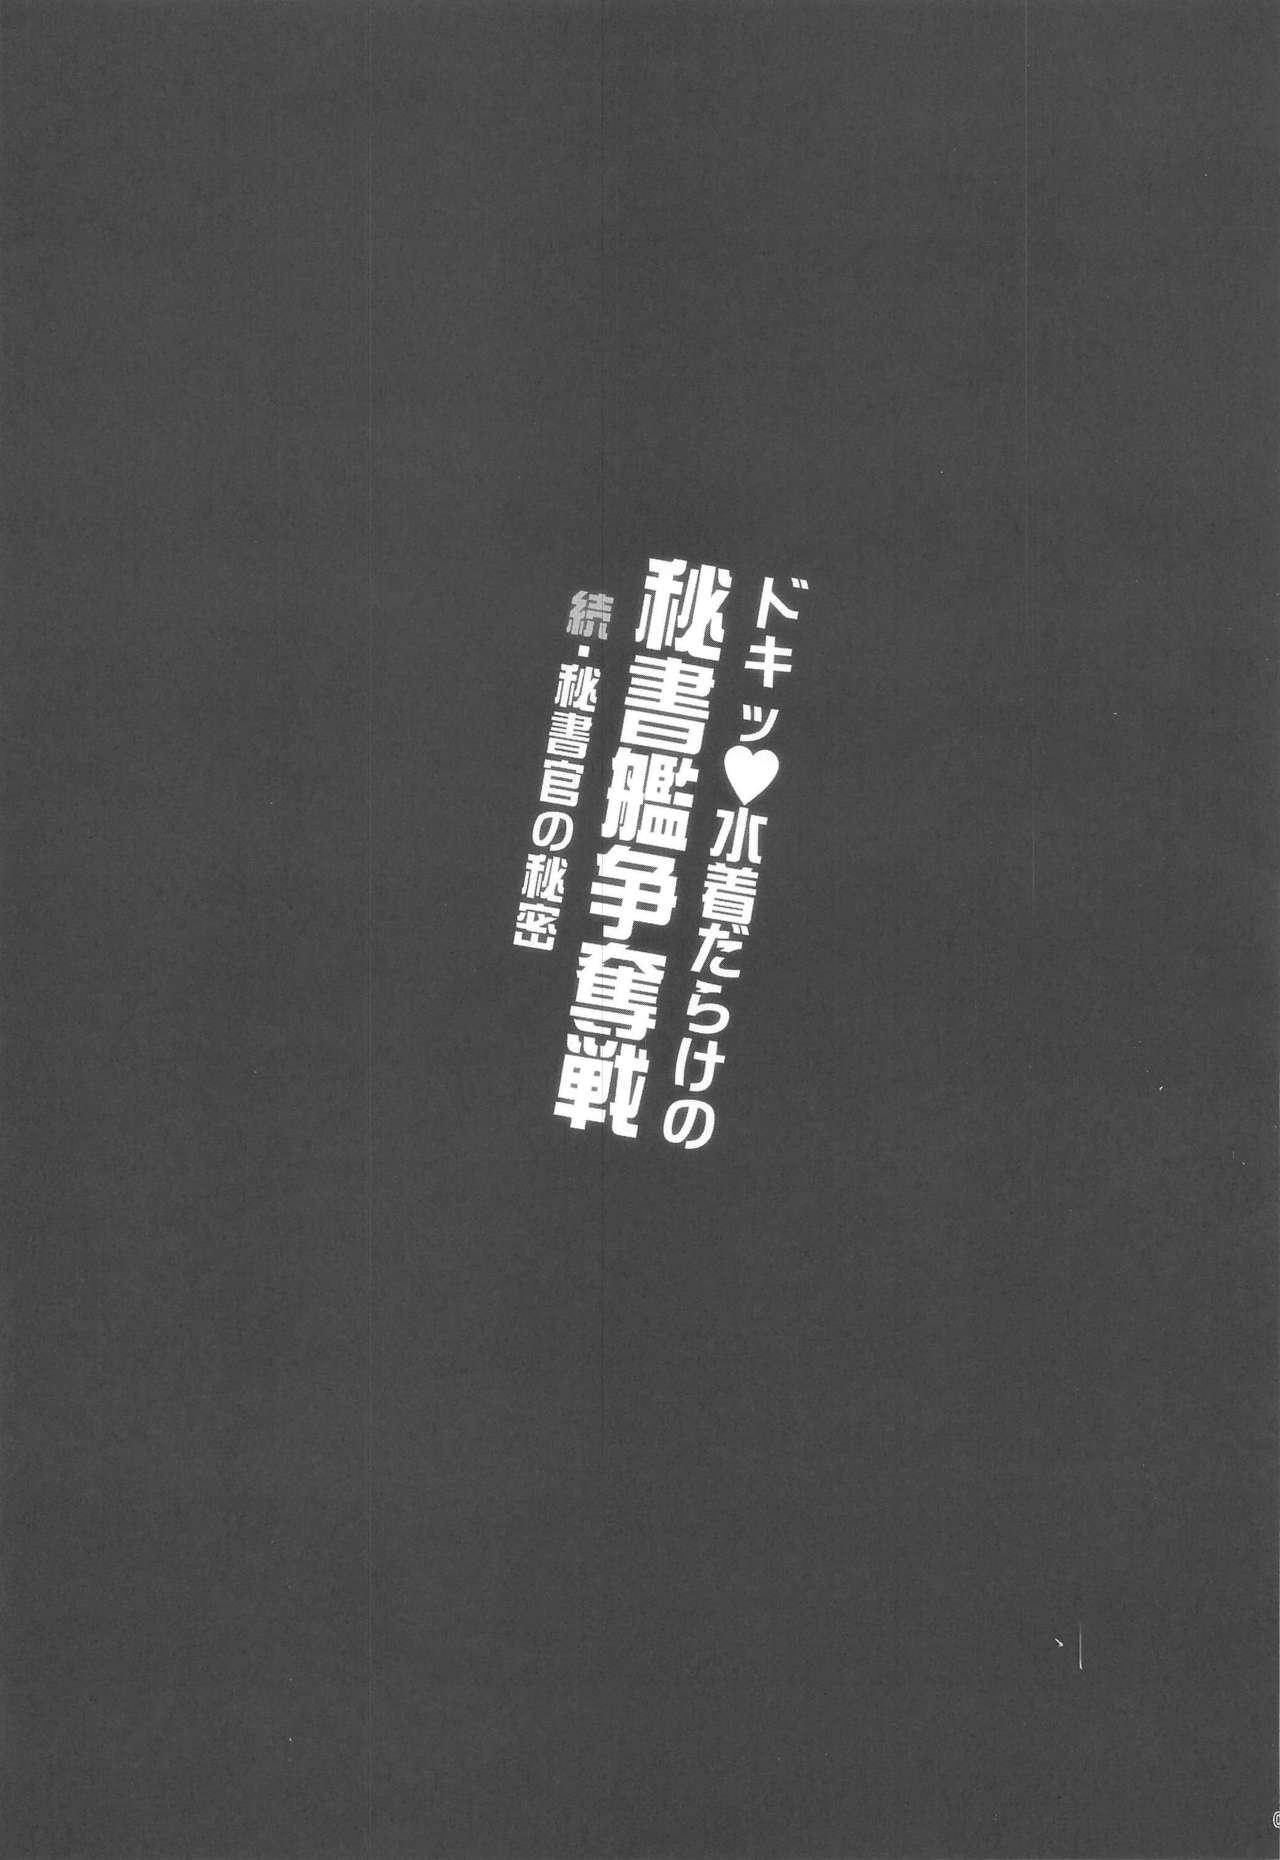 Doki Mizugi Darake no Hishokan Soudatsusen Zoku Hishokan no Himitsu 1